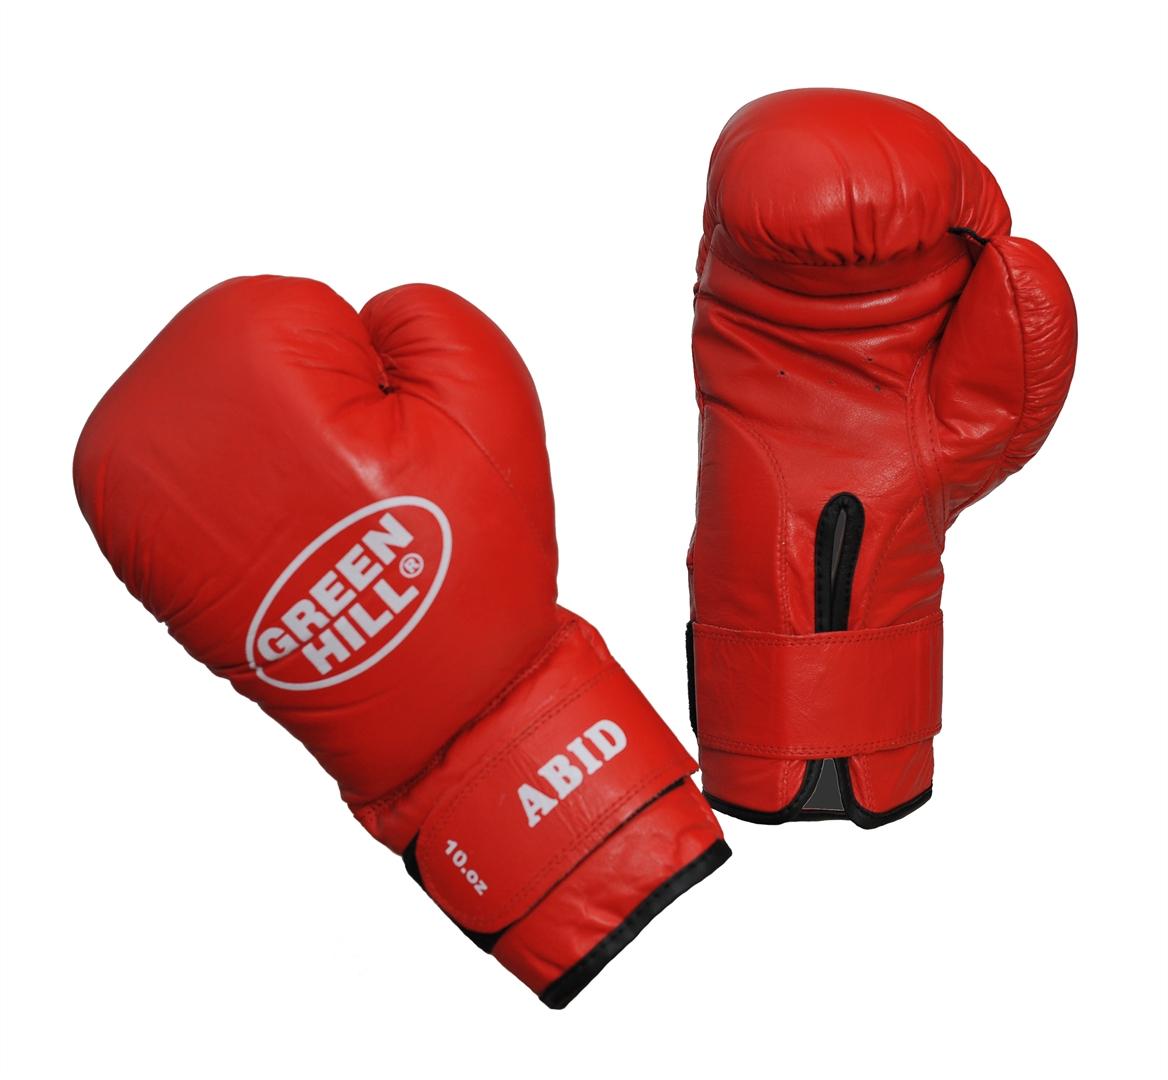 Перчатки боксерские Green Hill Abid, цвет: красный. Вес 10 унцийadiBCO1Боксерские тренировочные перчатки Green Hill Abid отлично подойдут для начинающих спортсменов. Верх выполнен из натуральной кожи. Мягкий наполнитель из очеса предотвращает любые травмы. Широкий ремень, охватывая запястье, полностью оборачивается вокруг манжеты, благодаря чему создается дополнительная защита лучезапястного сустава от травмирования. Застежка на липучке способствует быстрому и удобному одеванию перчаток, плотно фиксирует перчатки на руке.